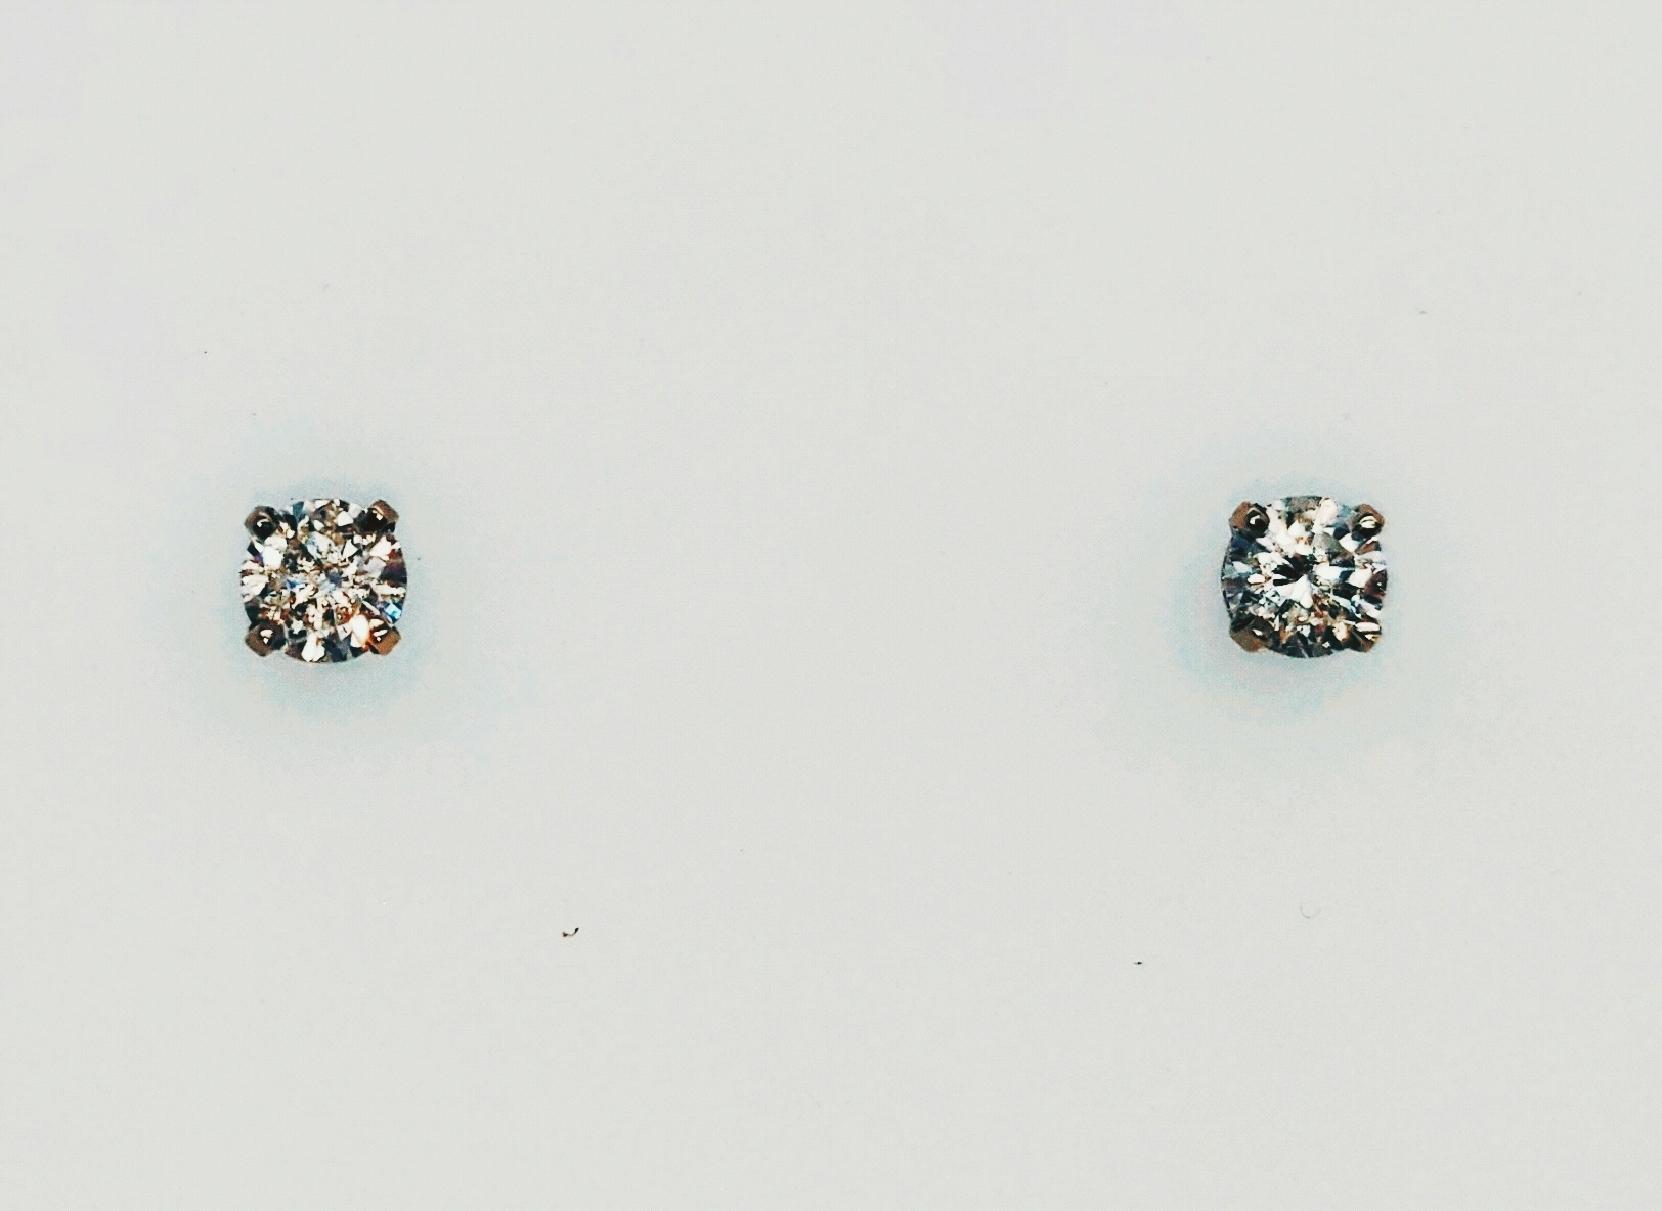 14k wg diamond studs w/continuum backs. SI2/I1; I/J .56 tdw